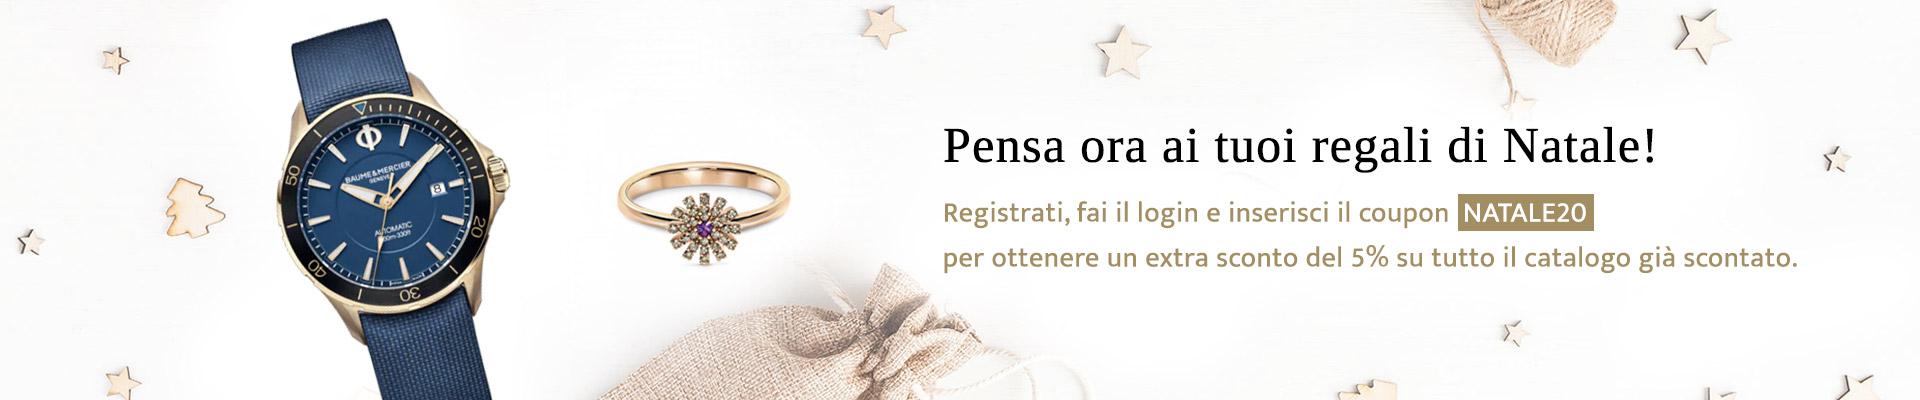 Gioelleria Pivano - Regali di Natale, registrati ed inserisci il coupon NATALE20, extra sconto 5%